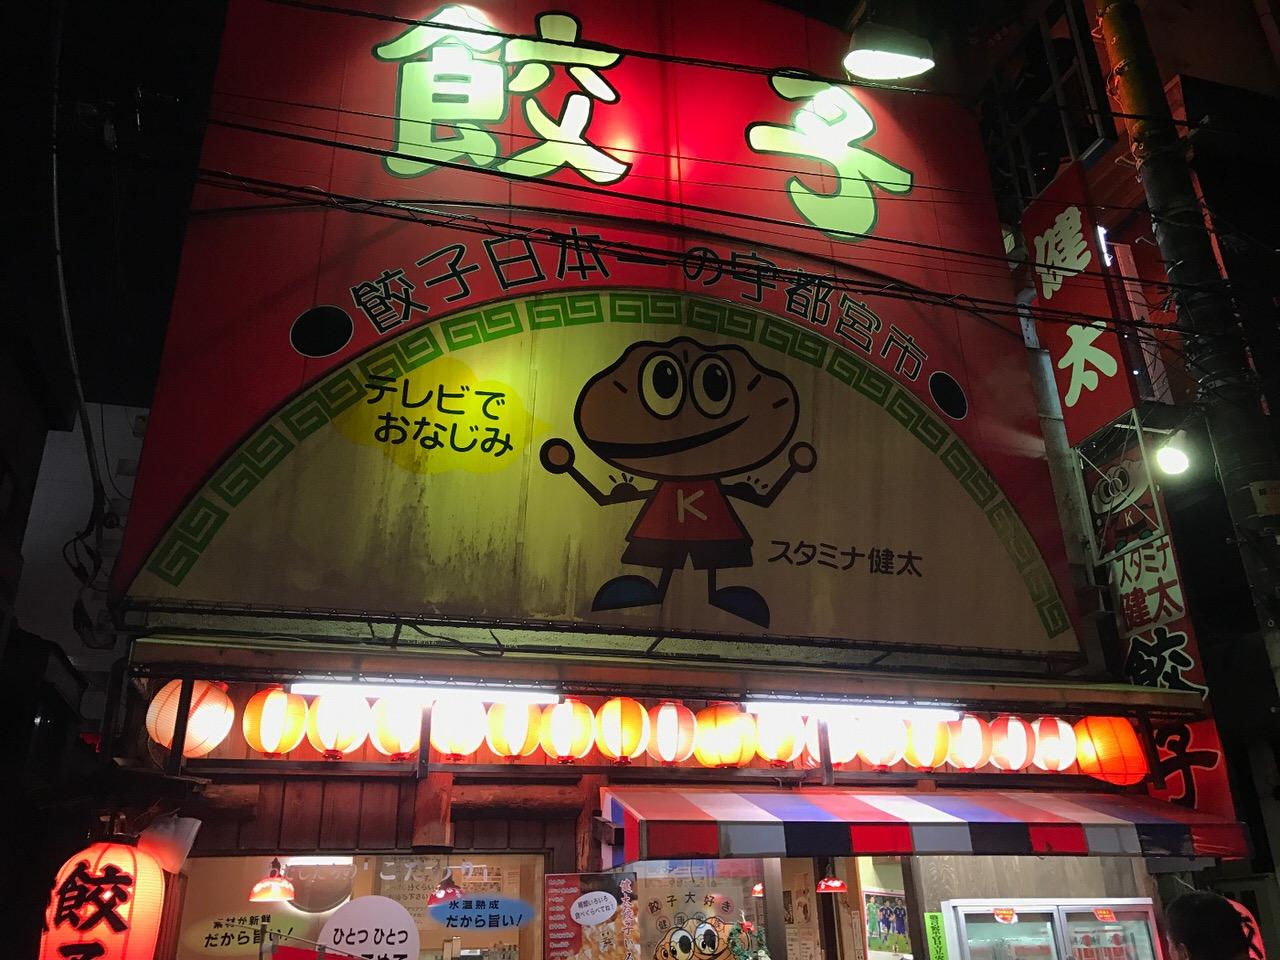 「宇都宮餃子館」おむすび餃子にとんかつ餃子、変わり種餃子を食べたい時に!